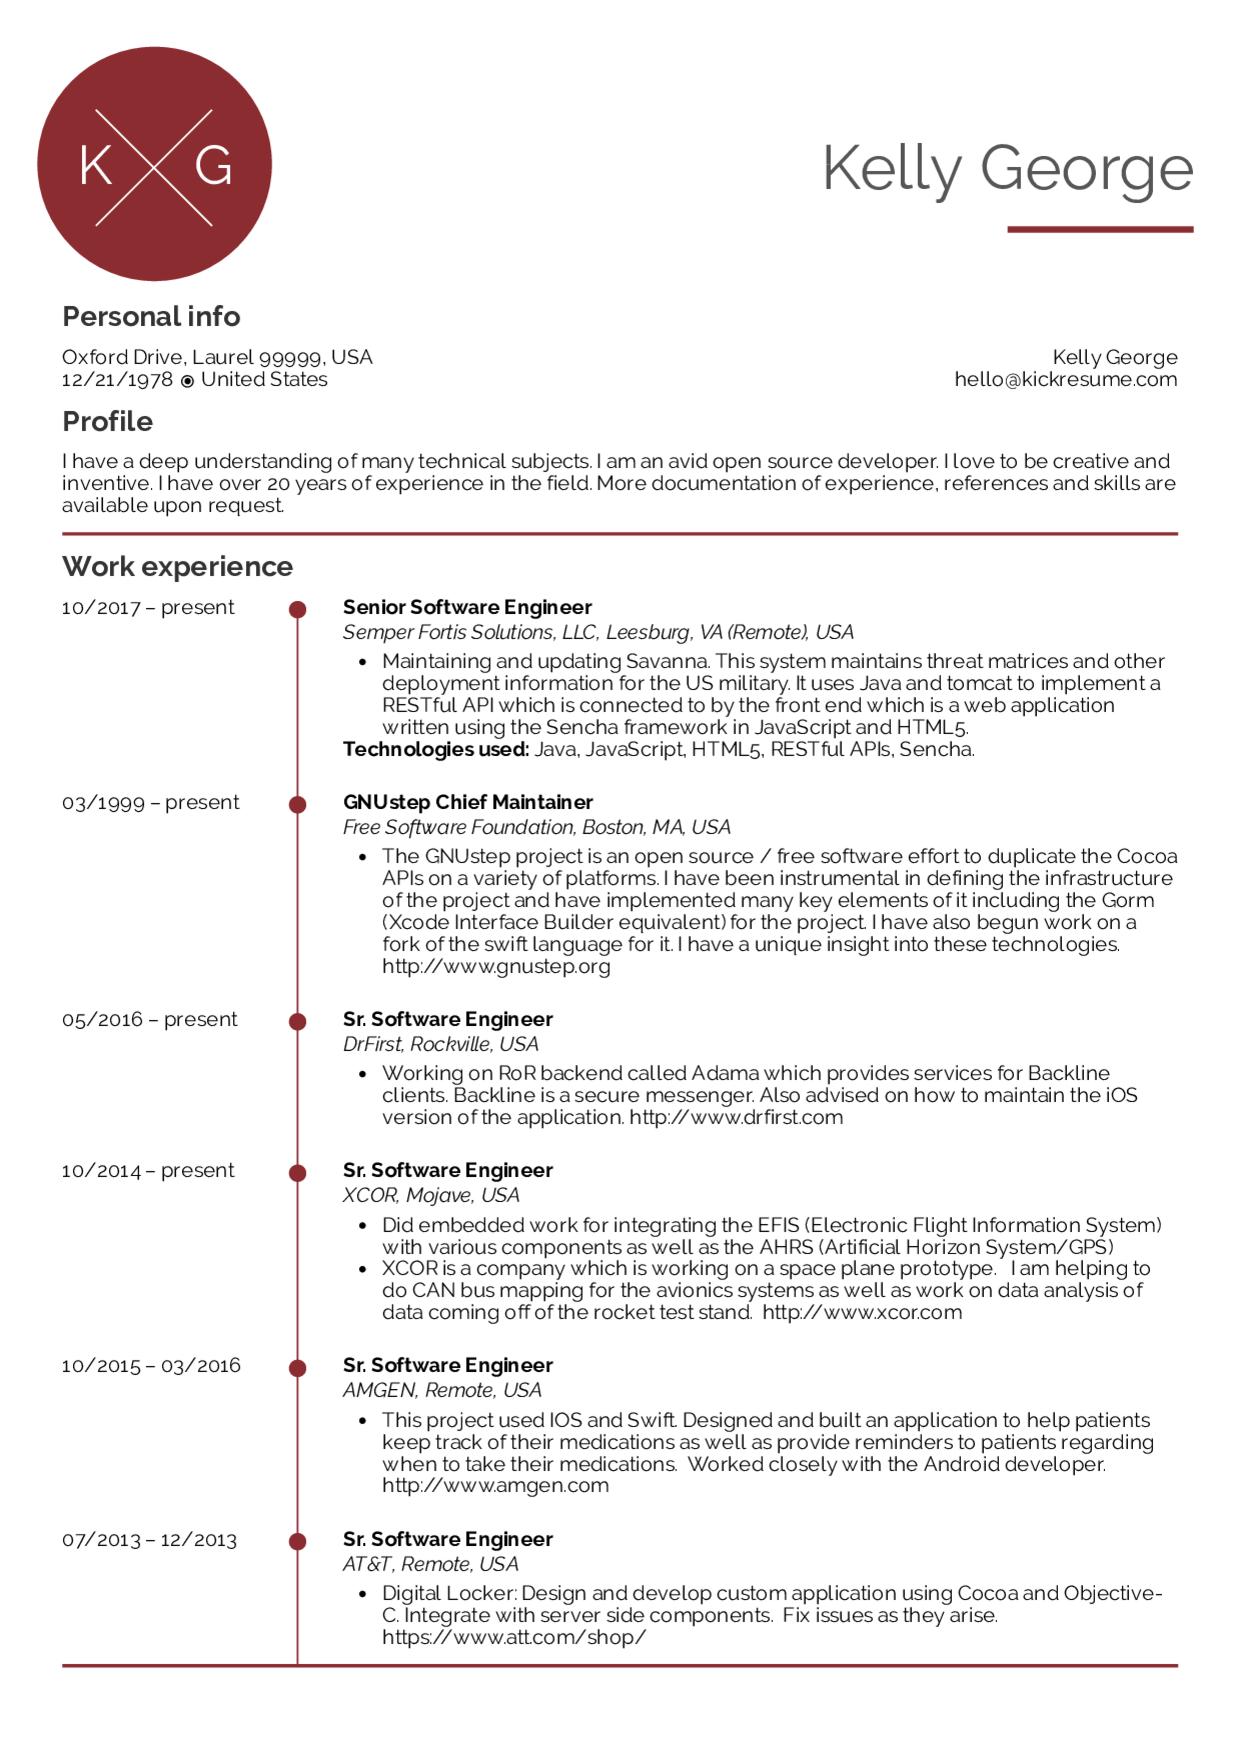 Software Engineer Resume Layout in 2020 Engineering